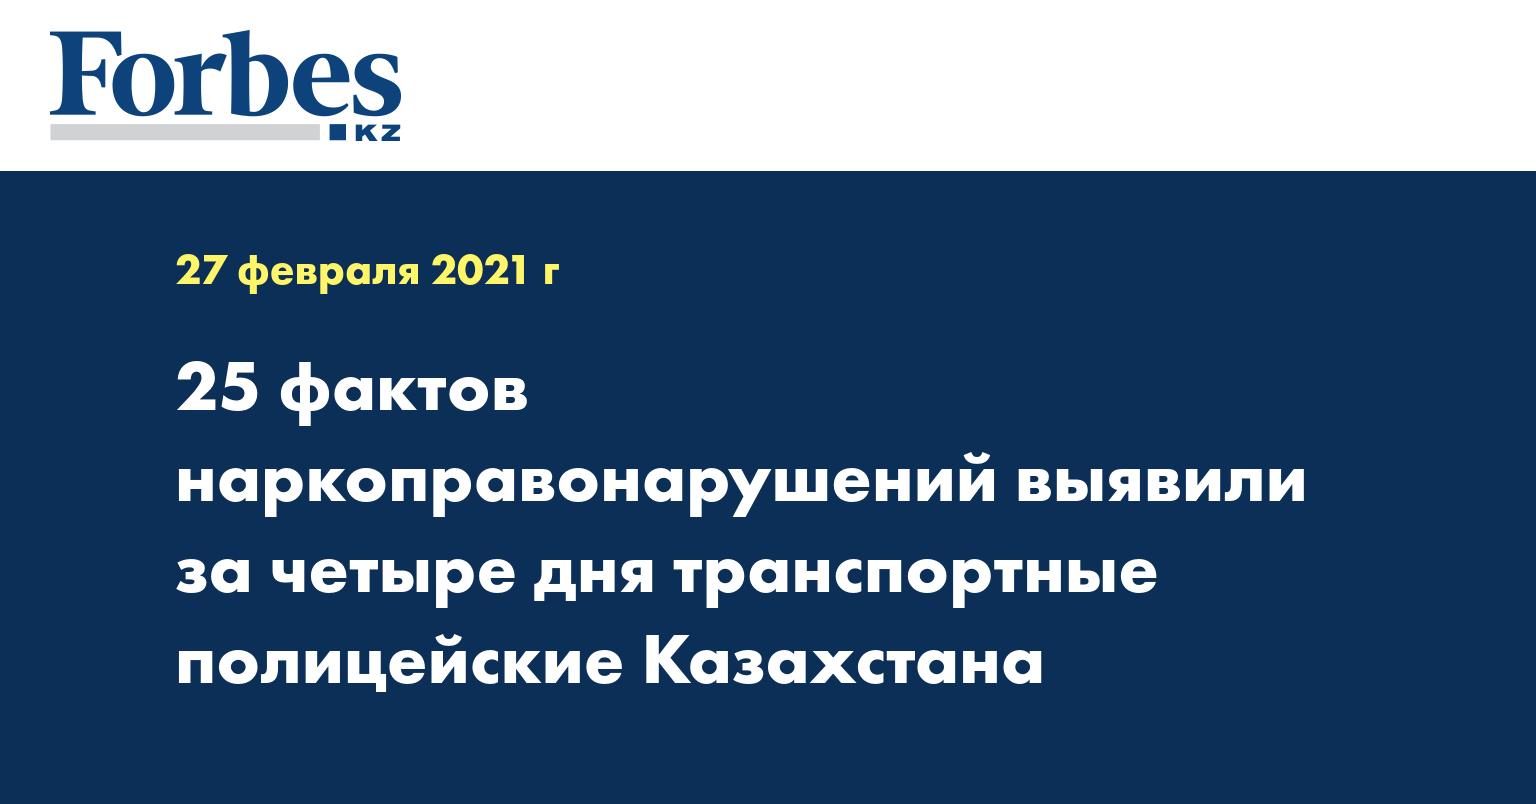 25 фактов наркоправонарушений выявили за четыре дня транспортные полицейские Казахстана